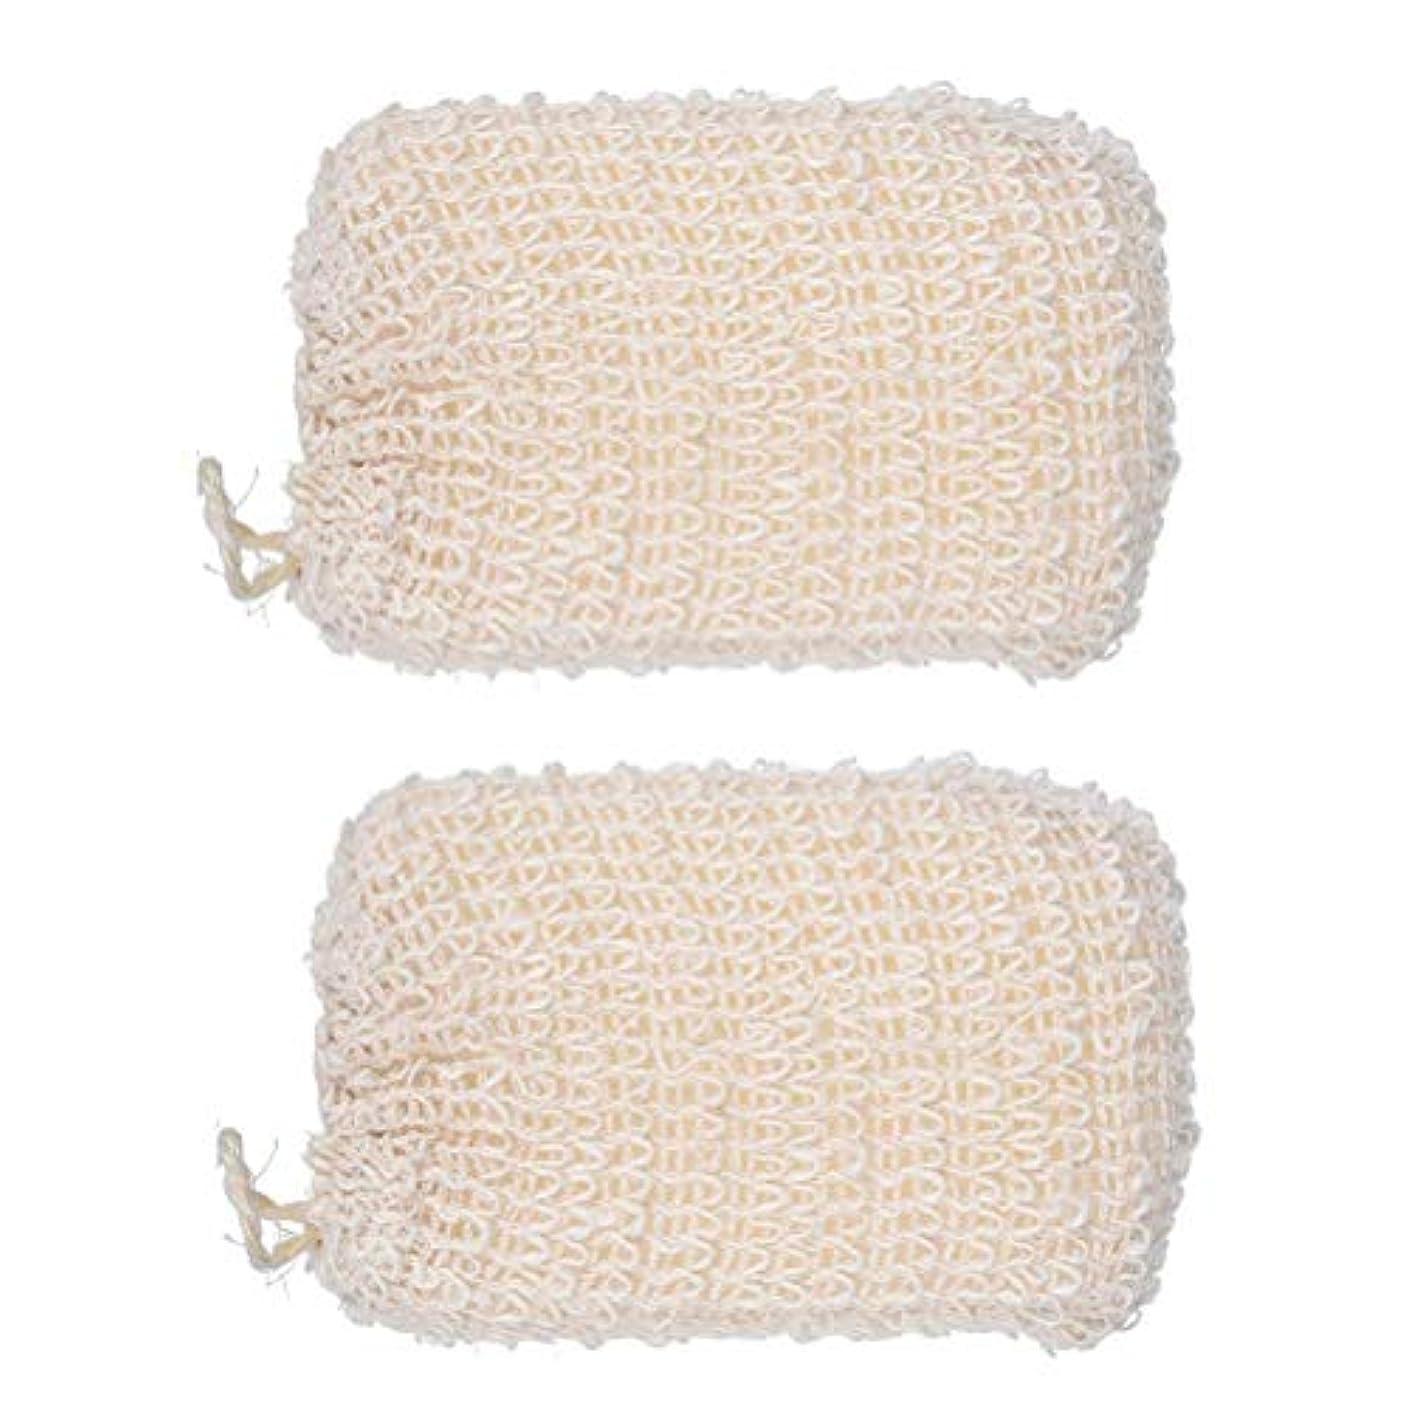 常に引用拡声器Beaupretty 2ピース風呂スポンジ植物綿とリネン風呂ブラシ柔らかい風呂スポンジスクラバー用女性赤ちゃん子供(ベージュ)